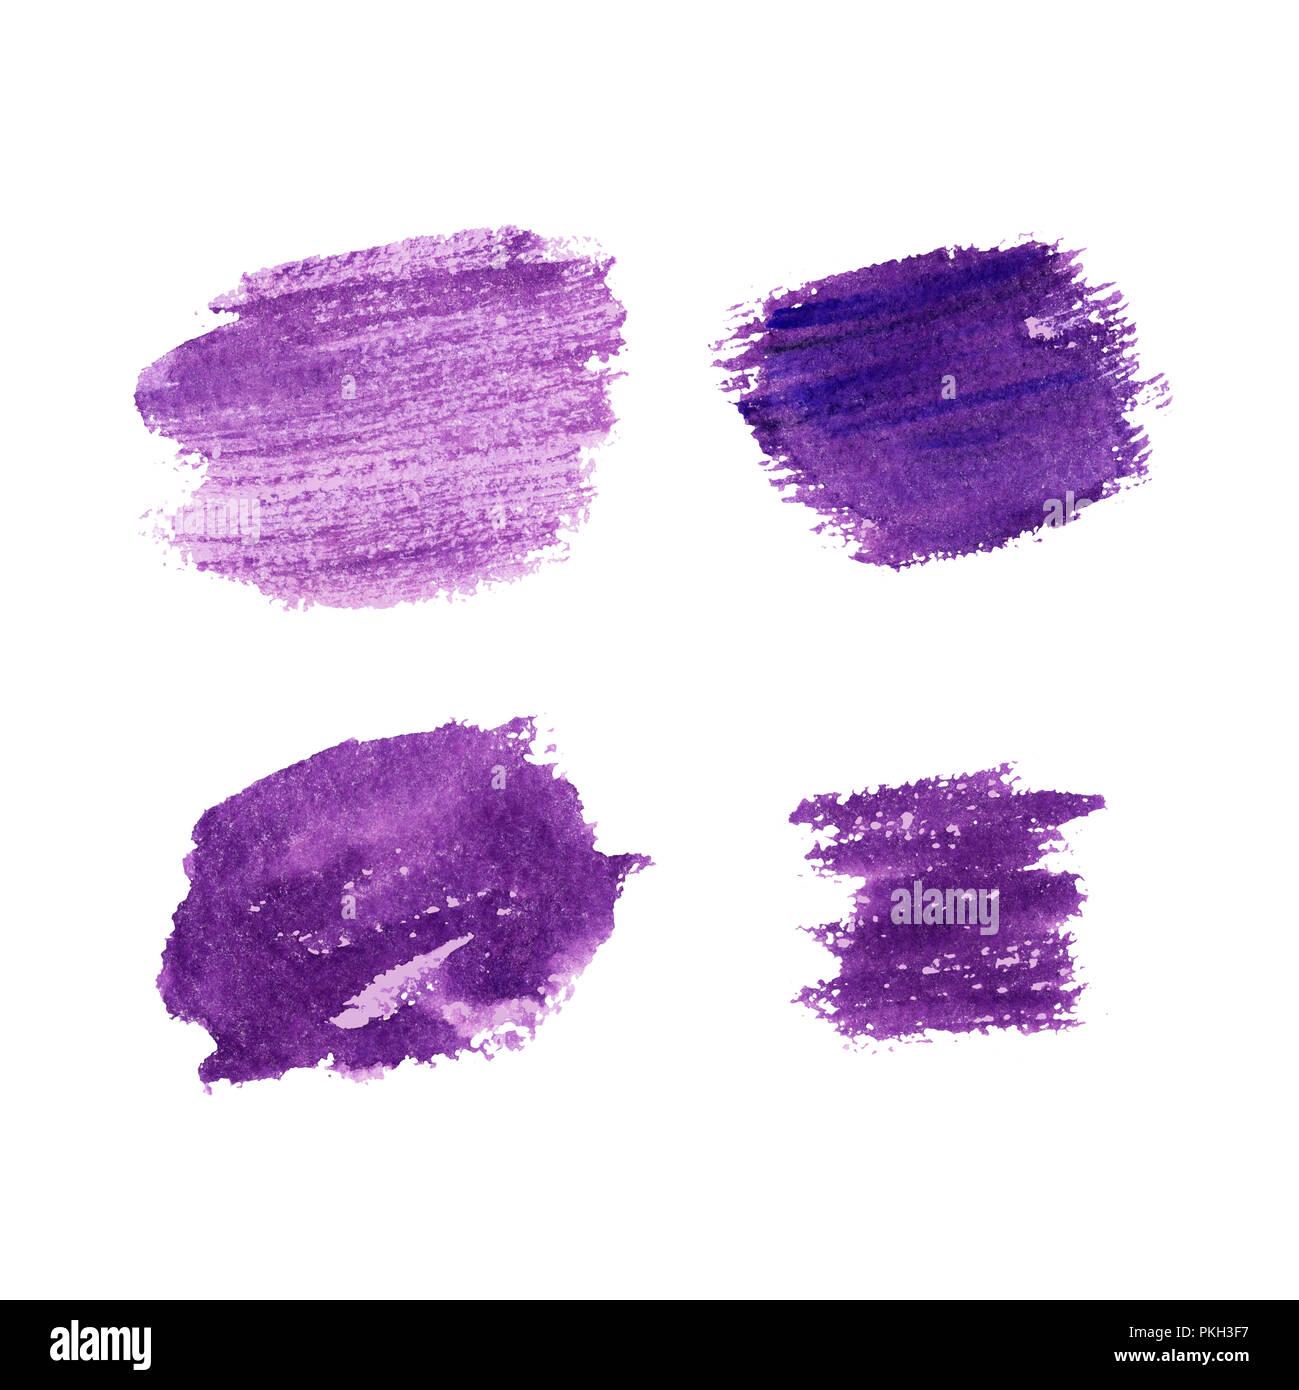 Trazos de pincel de color lavanda fondo dibujados a mano. Untar pintura púrpura sobre fondo blanco. Mancha de lavanda colección pastel. Día de San Valentín trazos de pincel de diseño de tarjetas de felicitación. Aislado Imagen De Stock